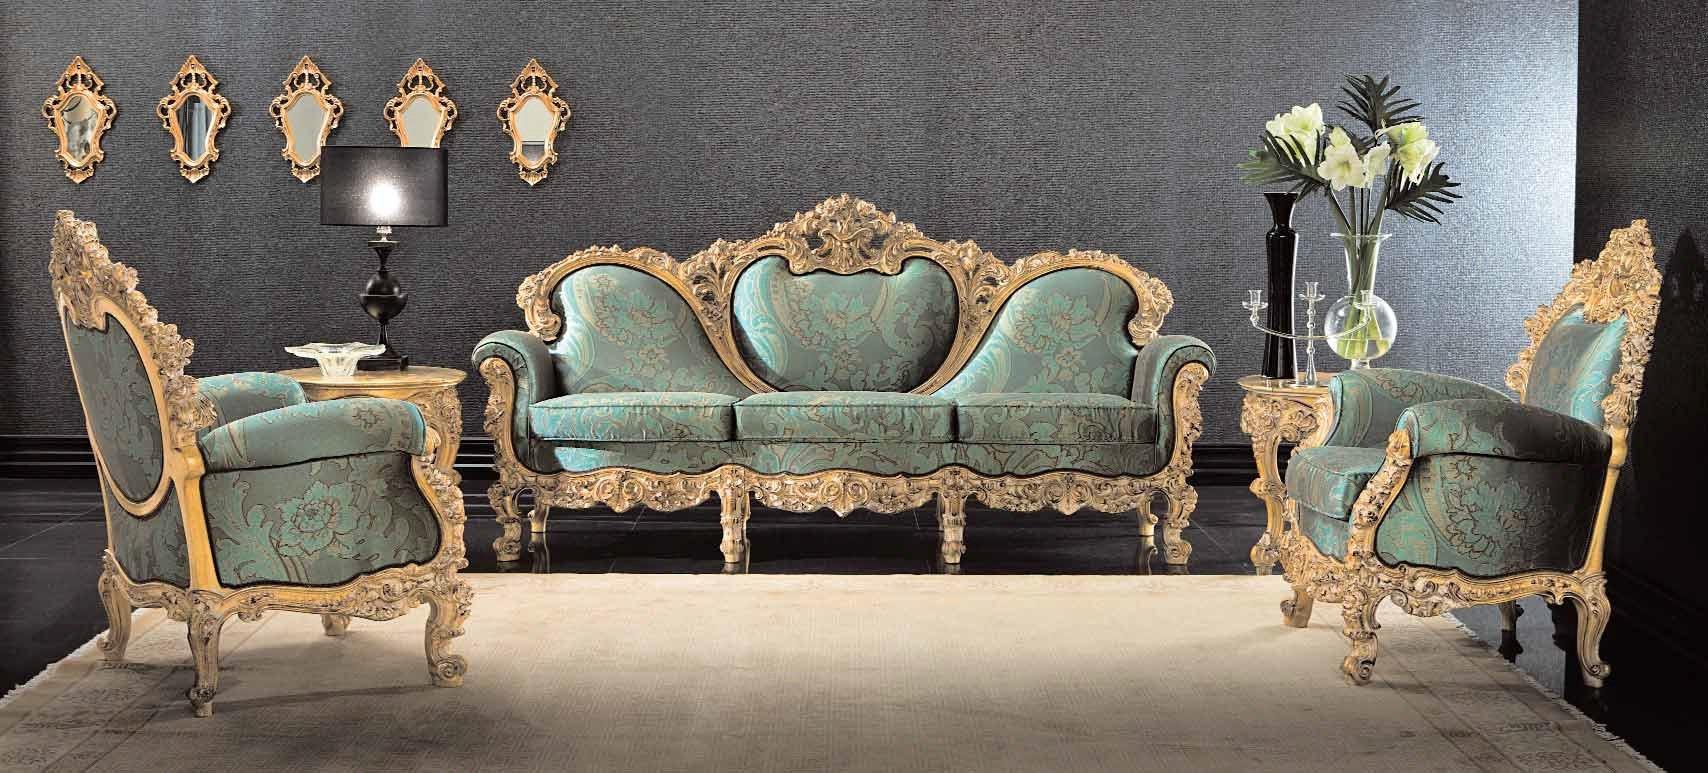 PLUTONE комплект мягкой мебели 95886